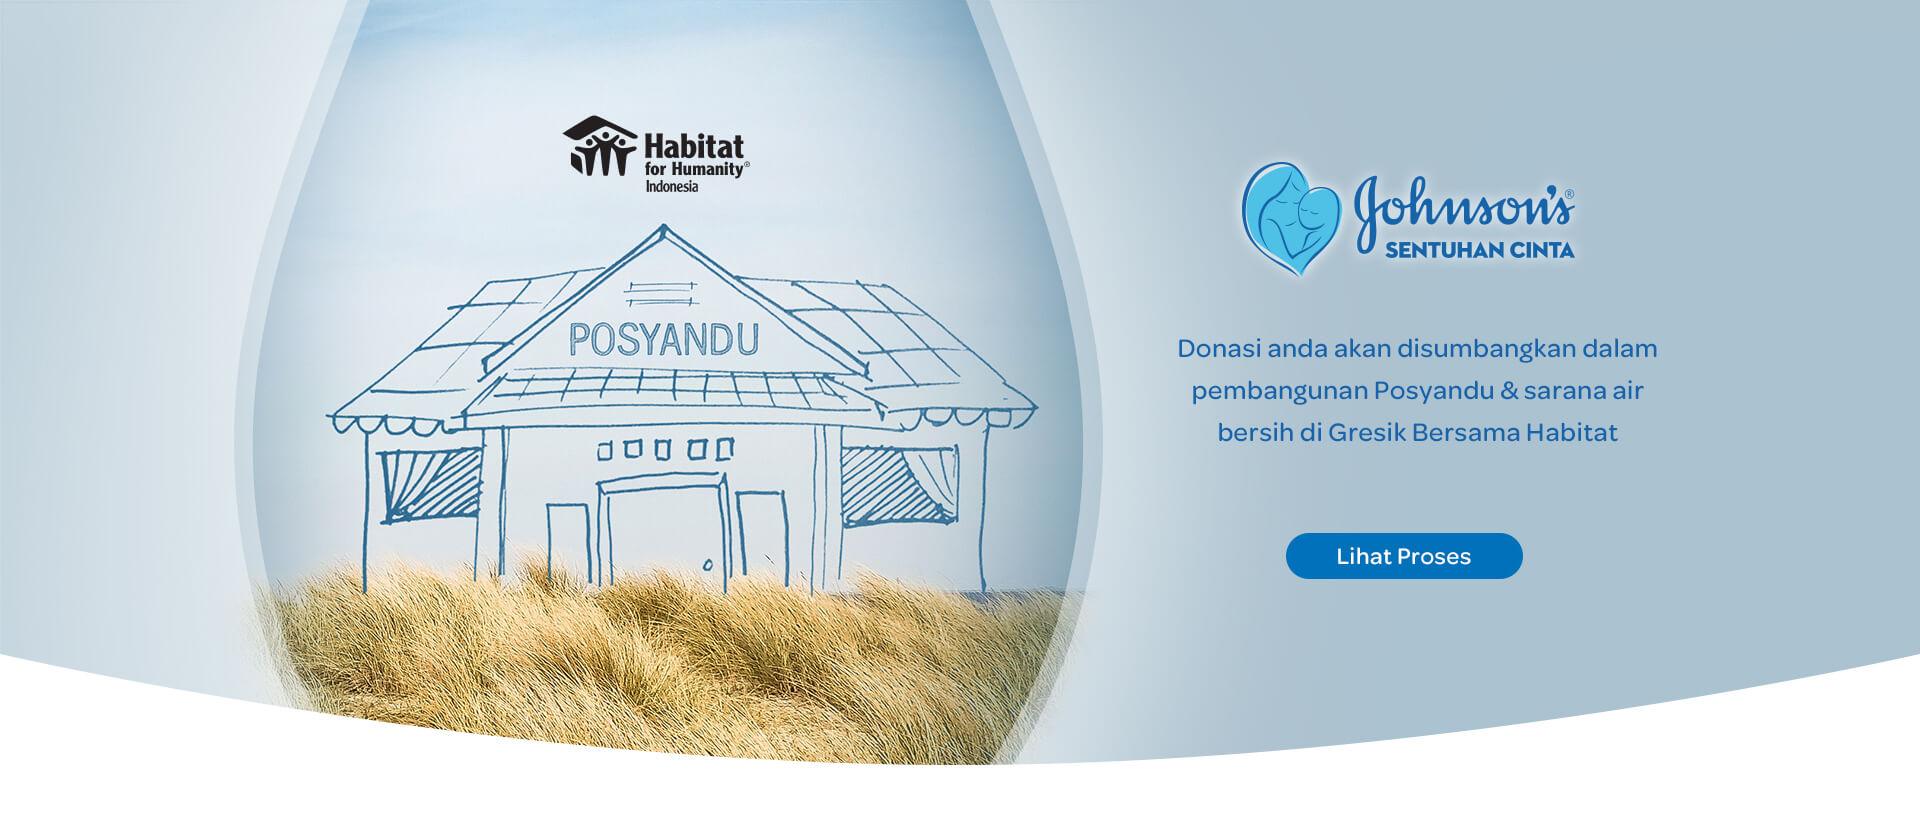 Donasi Anda akan disumbangkan dalam pembangunan Posyandu dan sarana air bersih di Gresik bersama Habitat